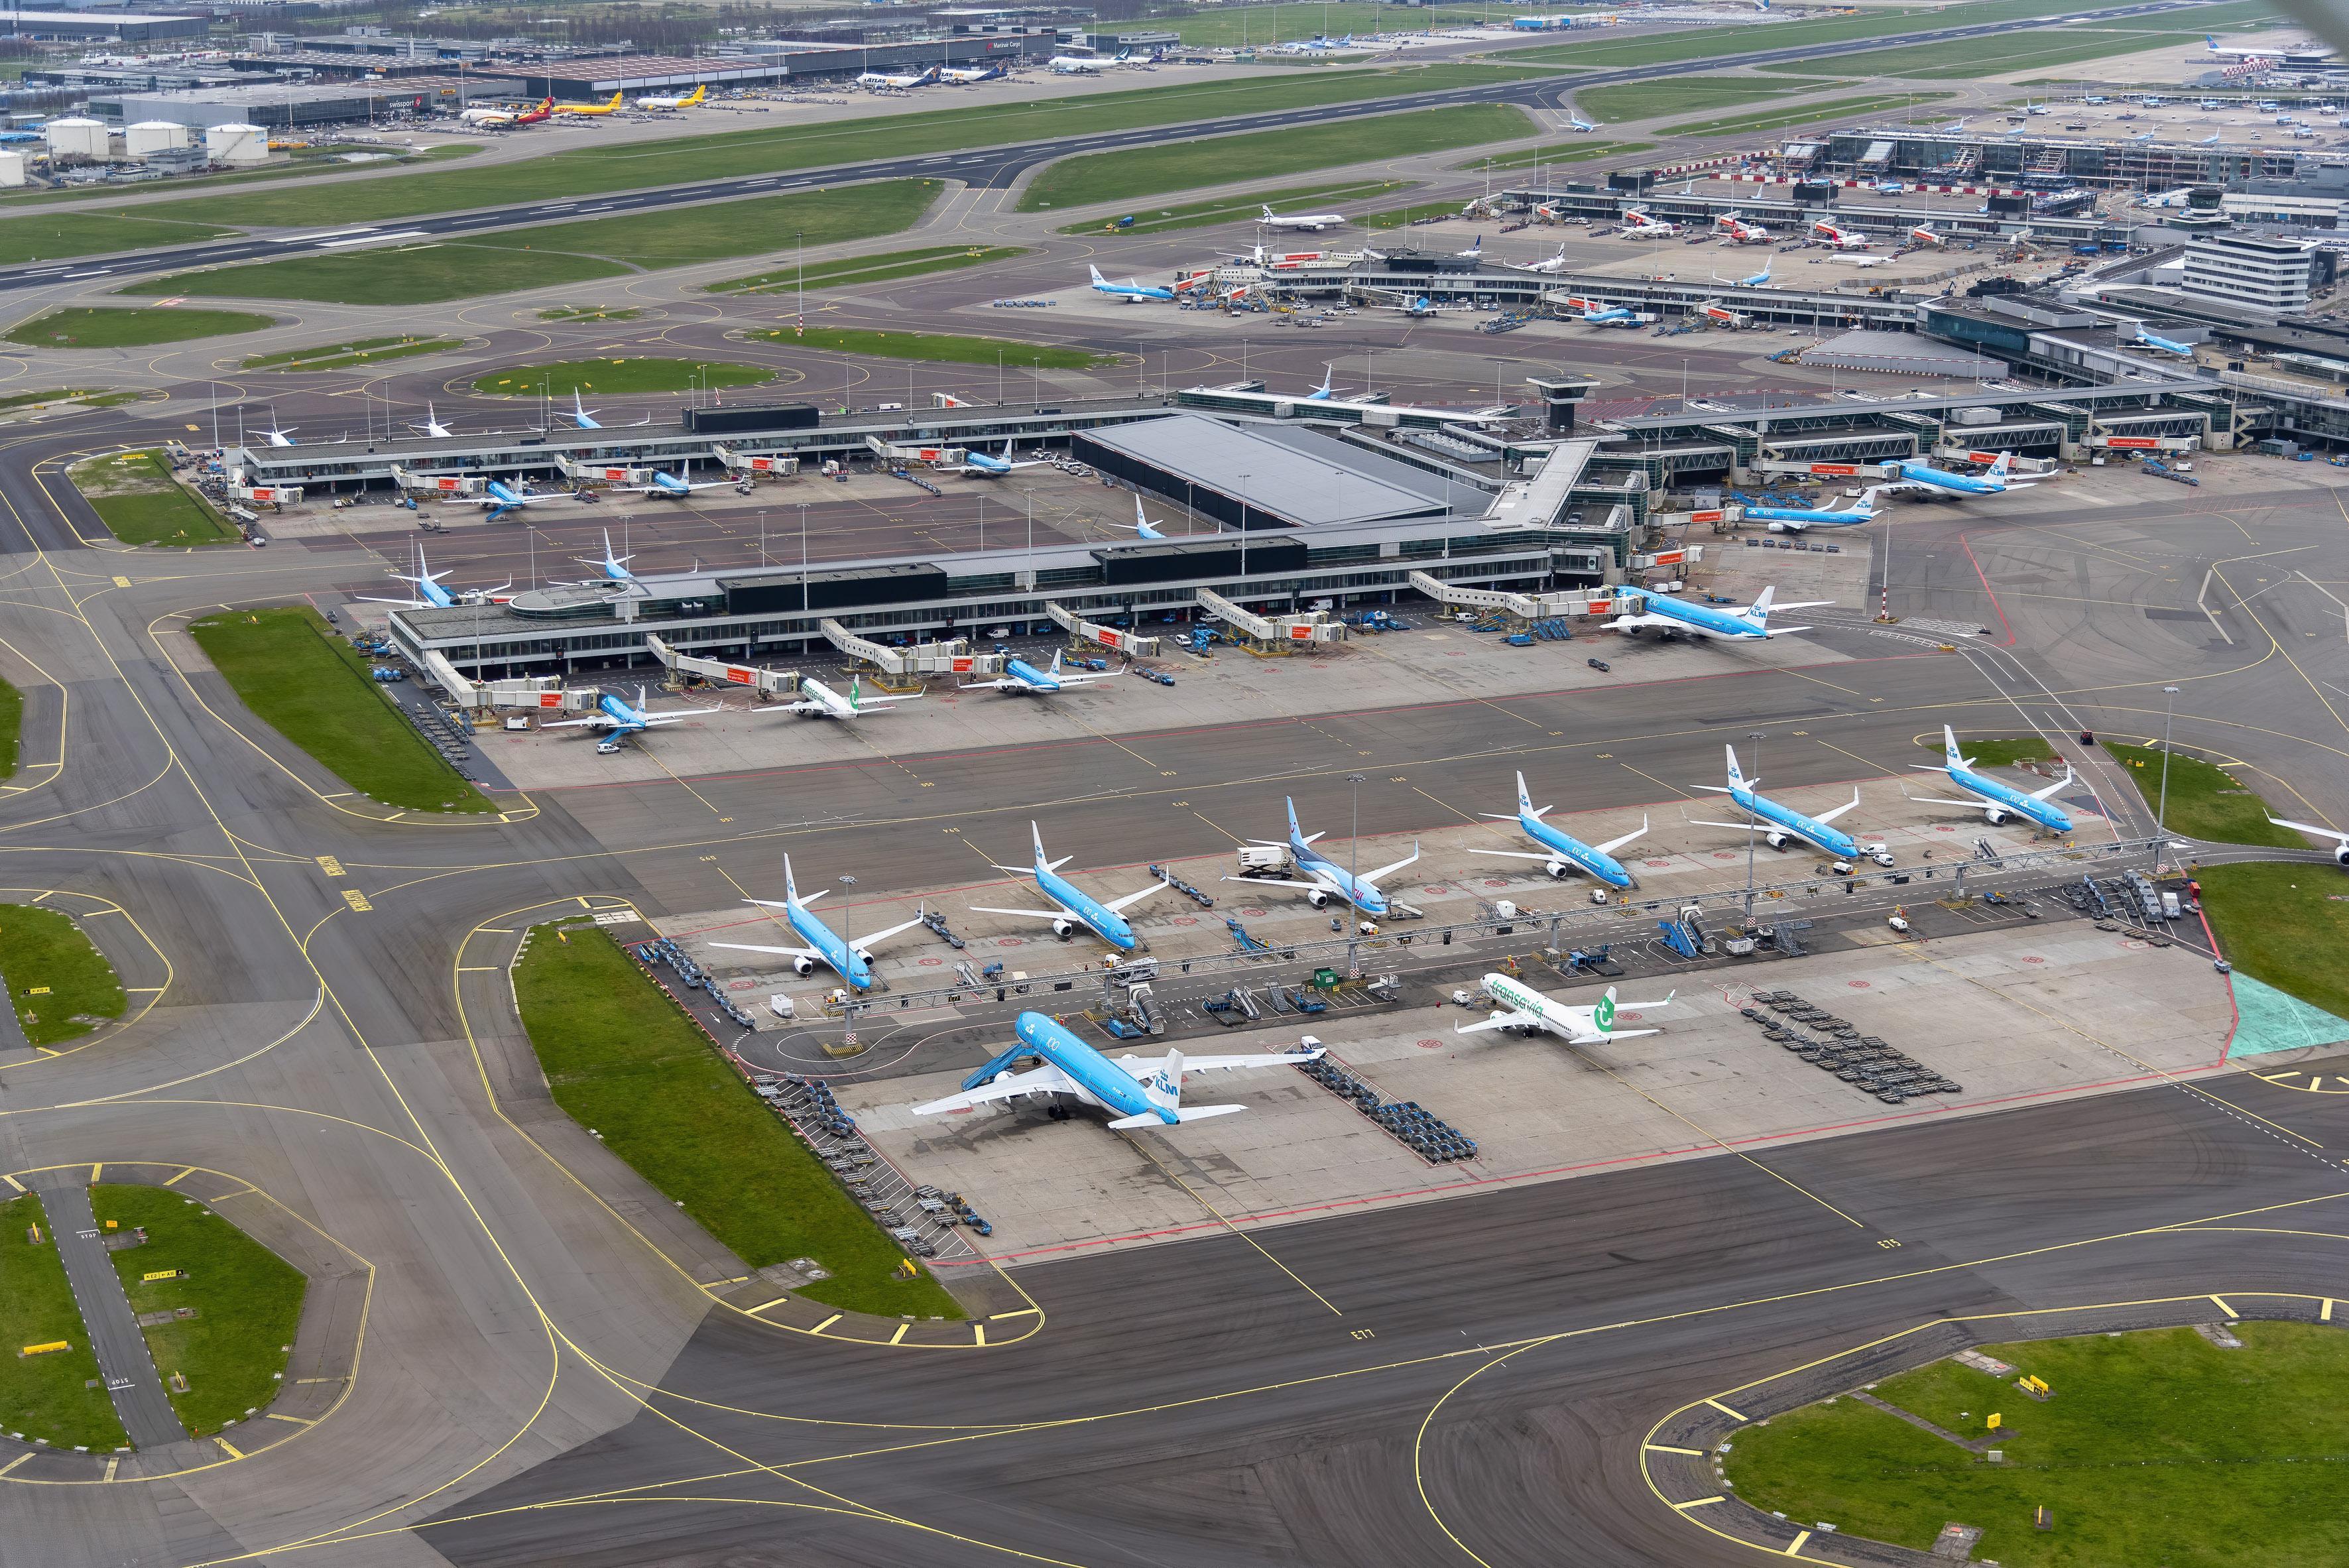 Luchtvaart, vervoerders, casino, Booking en Tata incasseren meeste geld met corona-uitkering